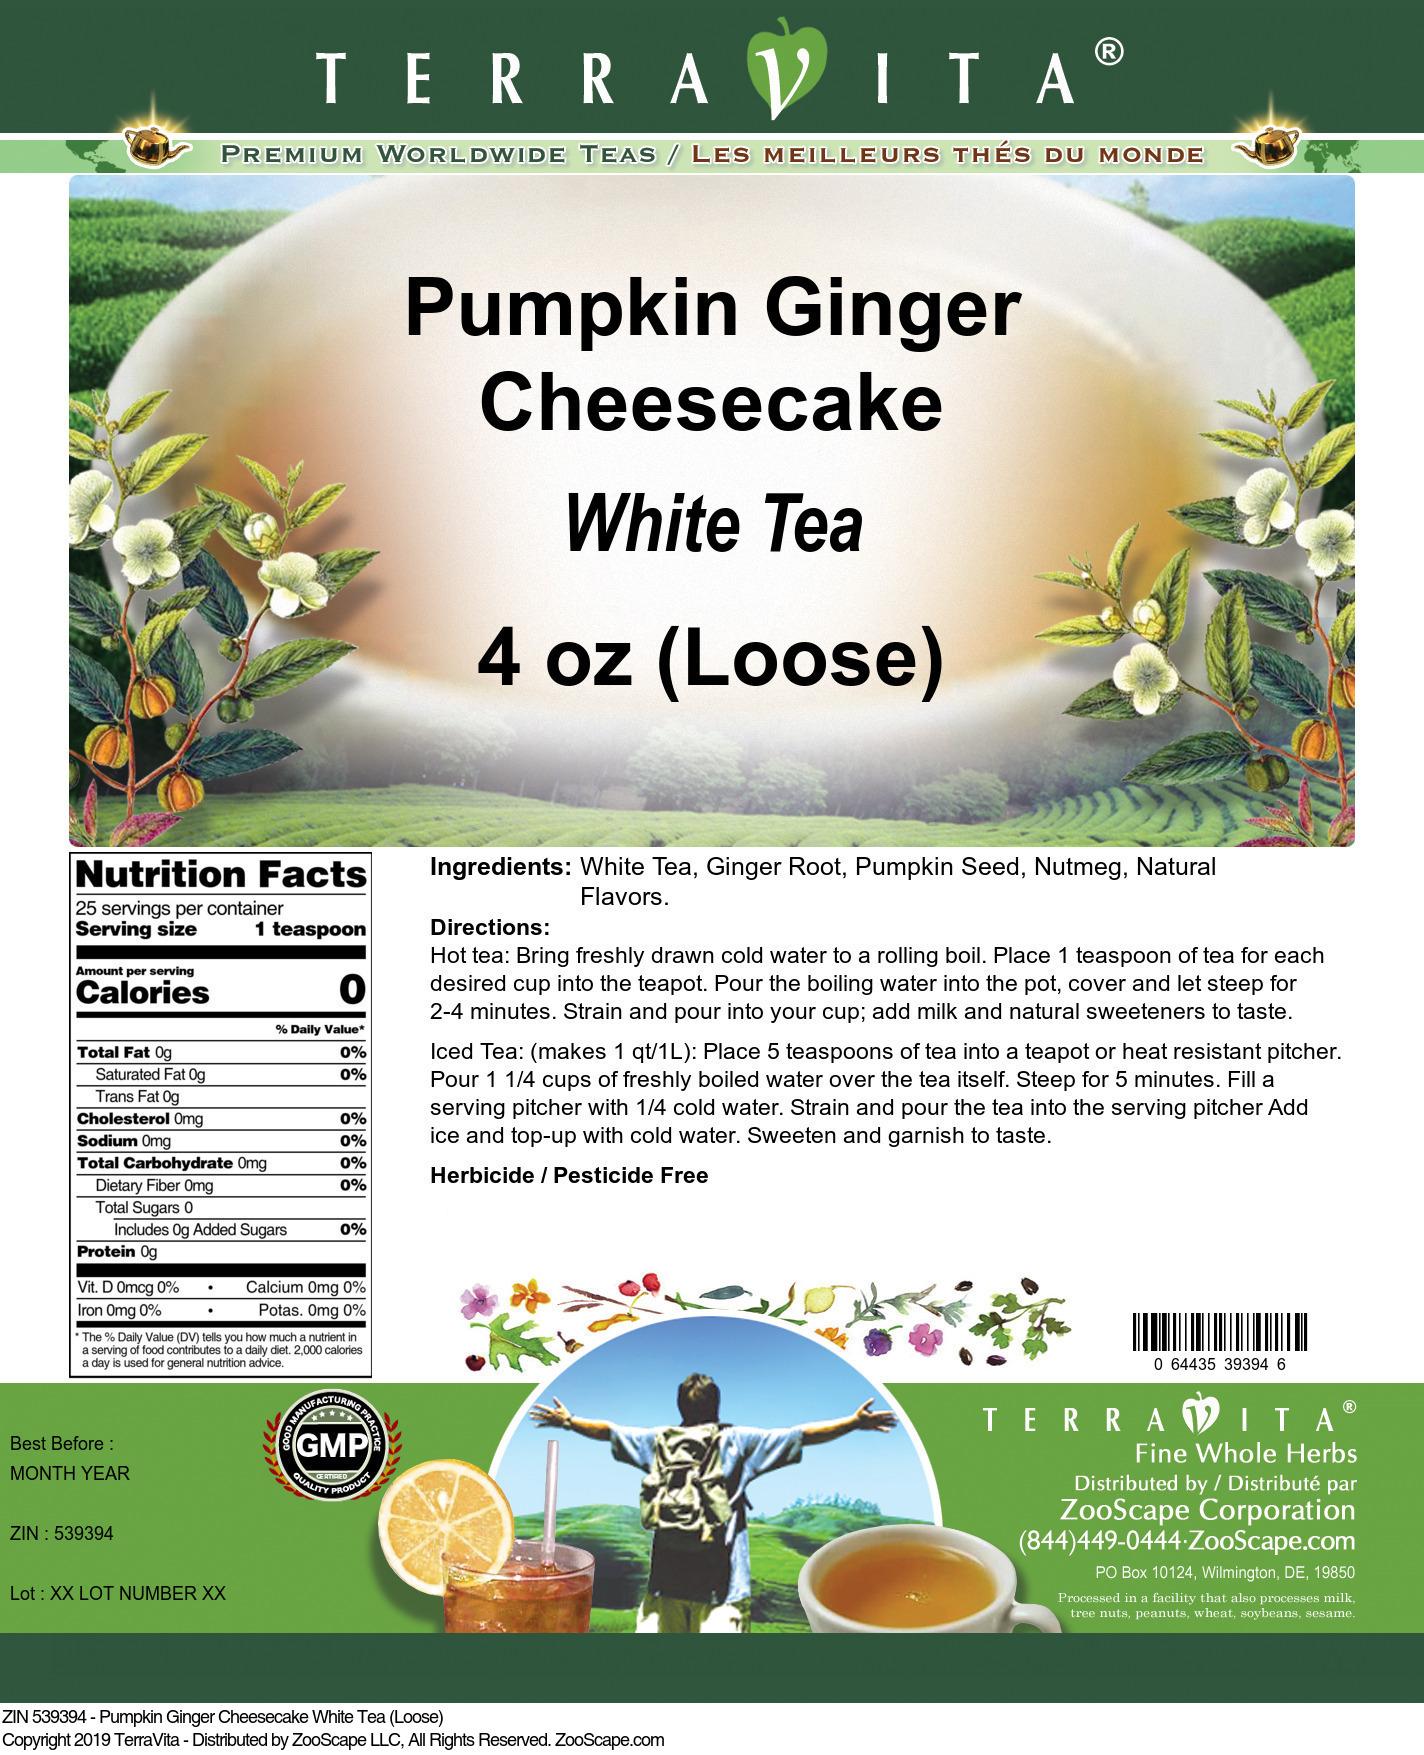 Pumpkin Ginger Cheesecake White Tea (Loose)